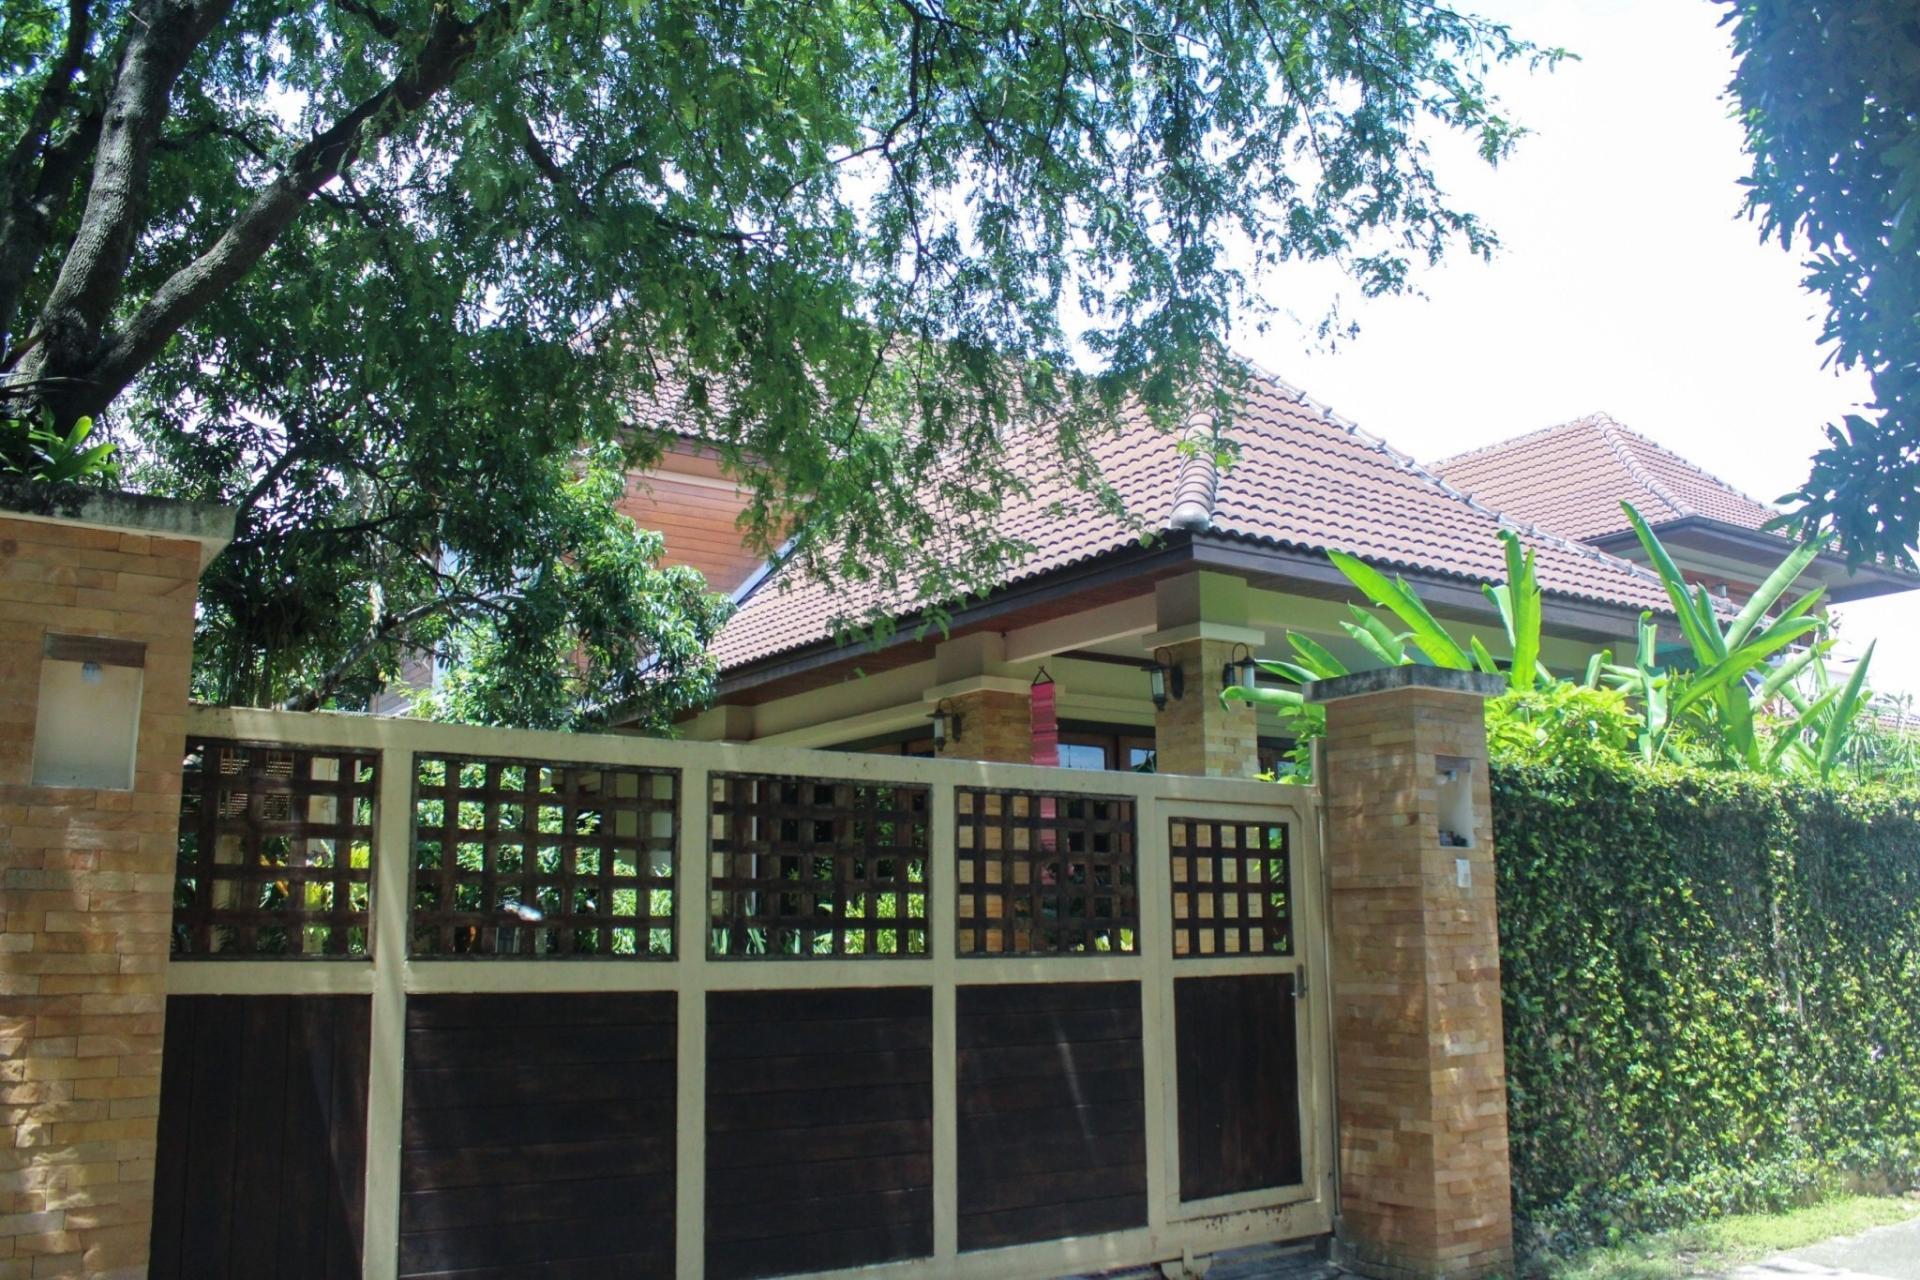 Electric Gate at Bosang Villa, San Kamphaeng, Chiang Mai